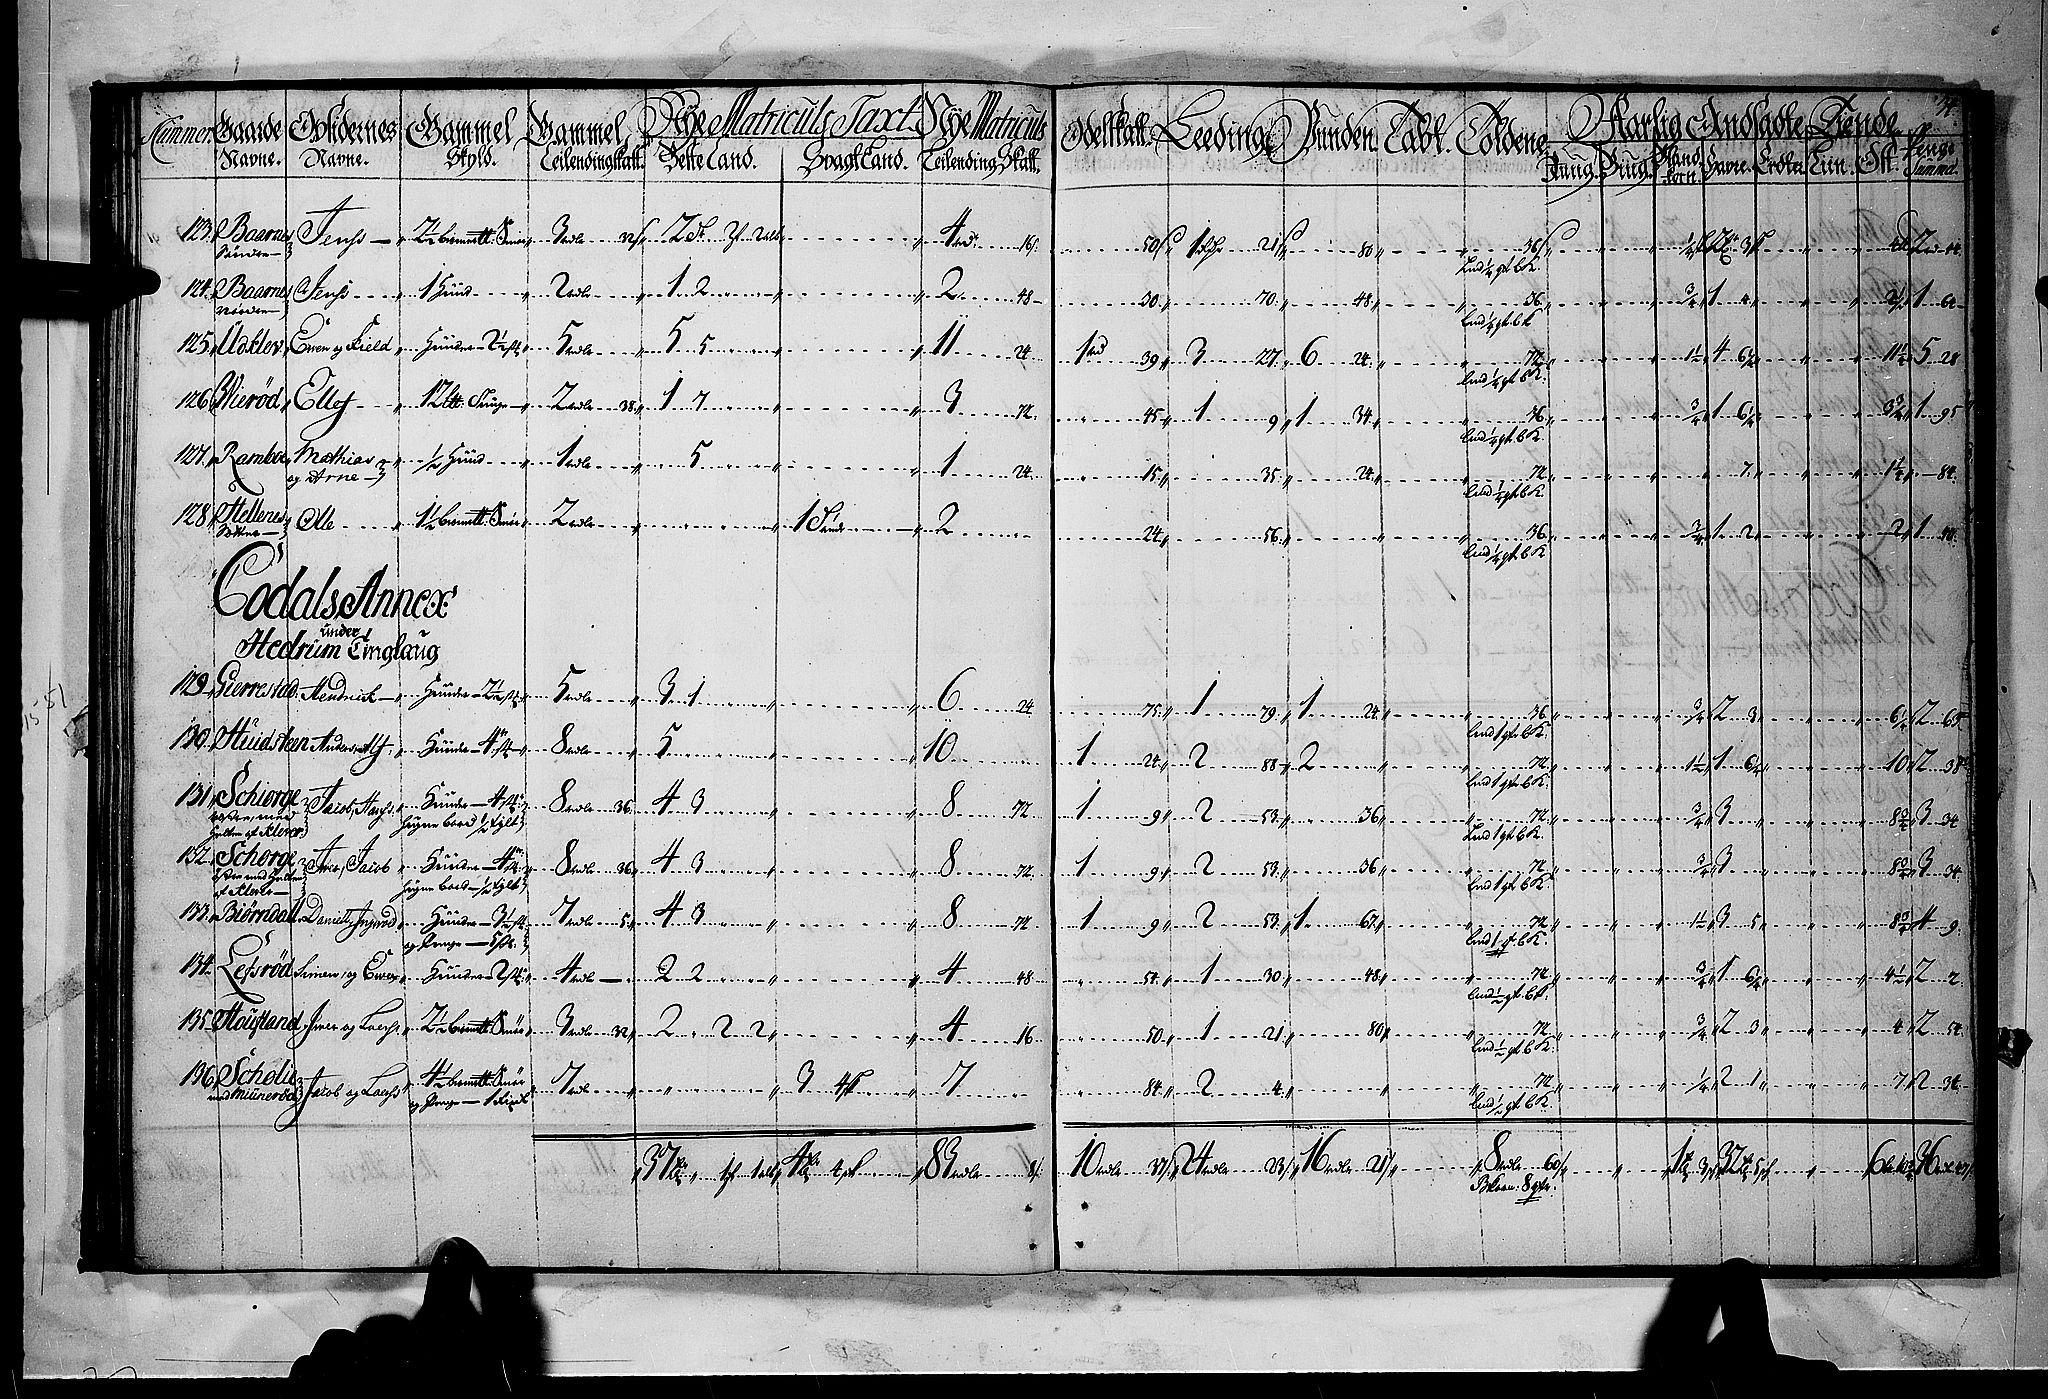 RA, Rentekammeret inntil 1814, Realistisk ordnet avdeling, N/Nb/Nbf/L0118: Larvik grevskap matrikkelprotokoll, 1723, s. 33b-34a